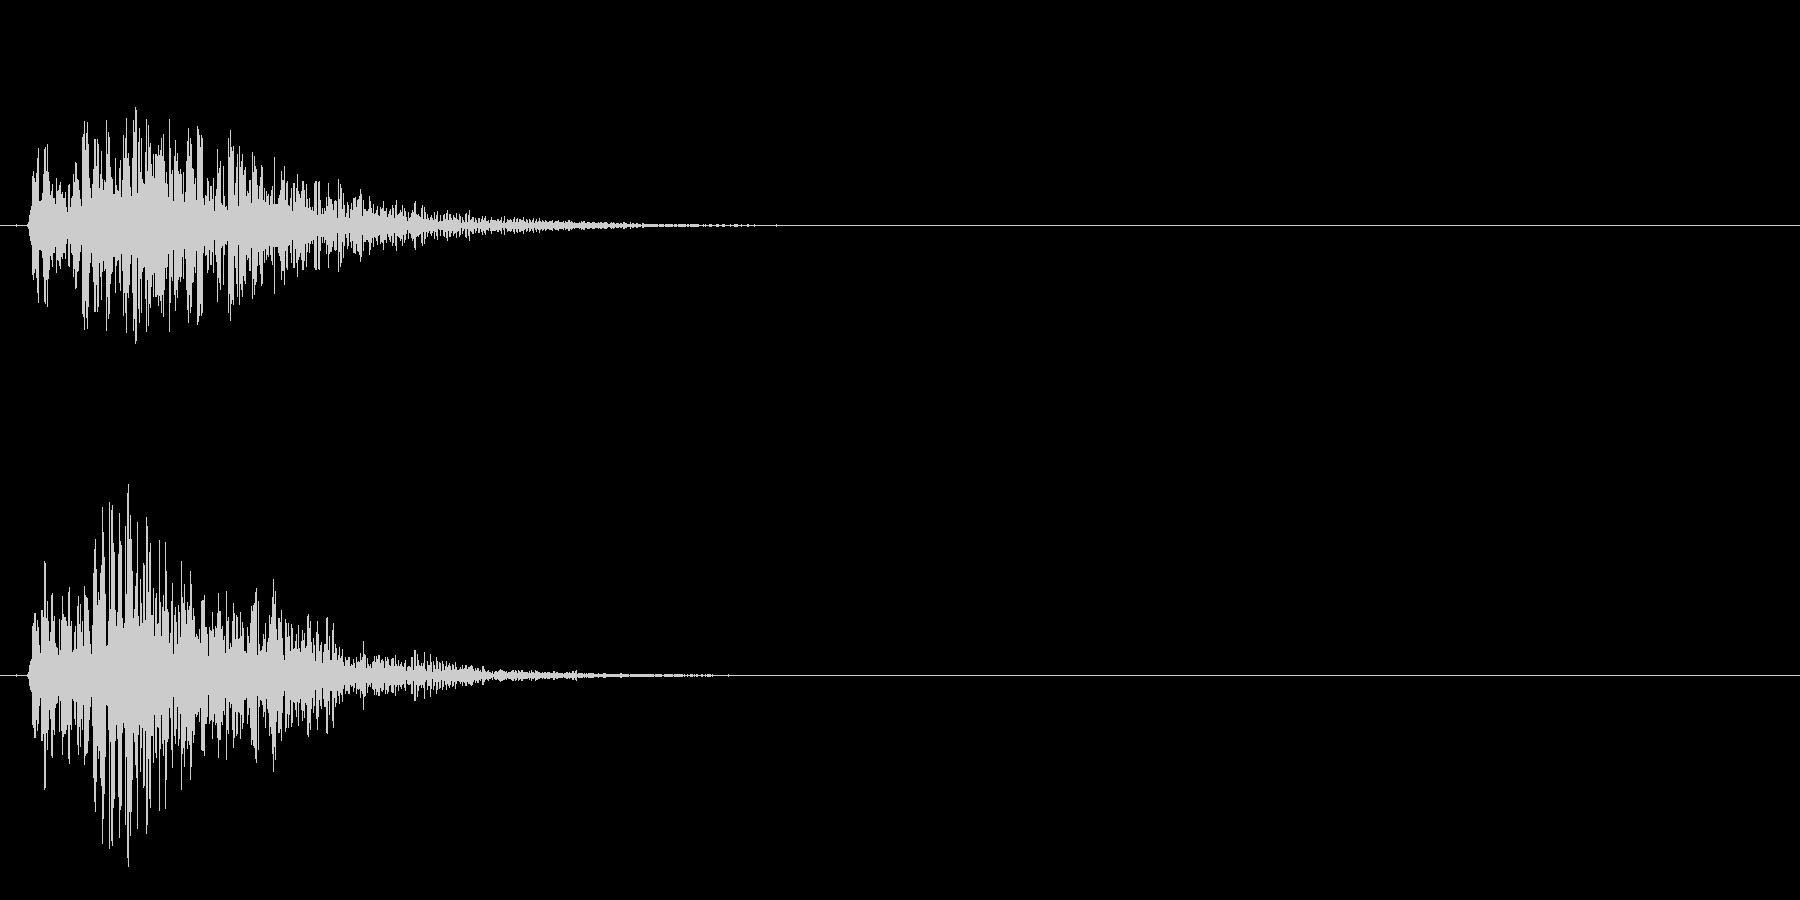 ダダーン! 発射音  爆発音  場面転換の未再生の波形